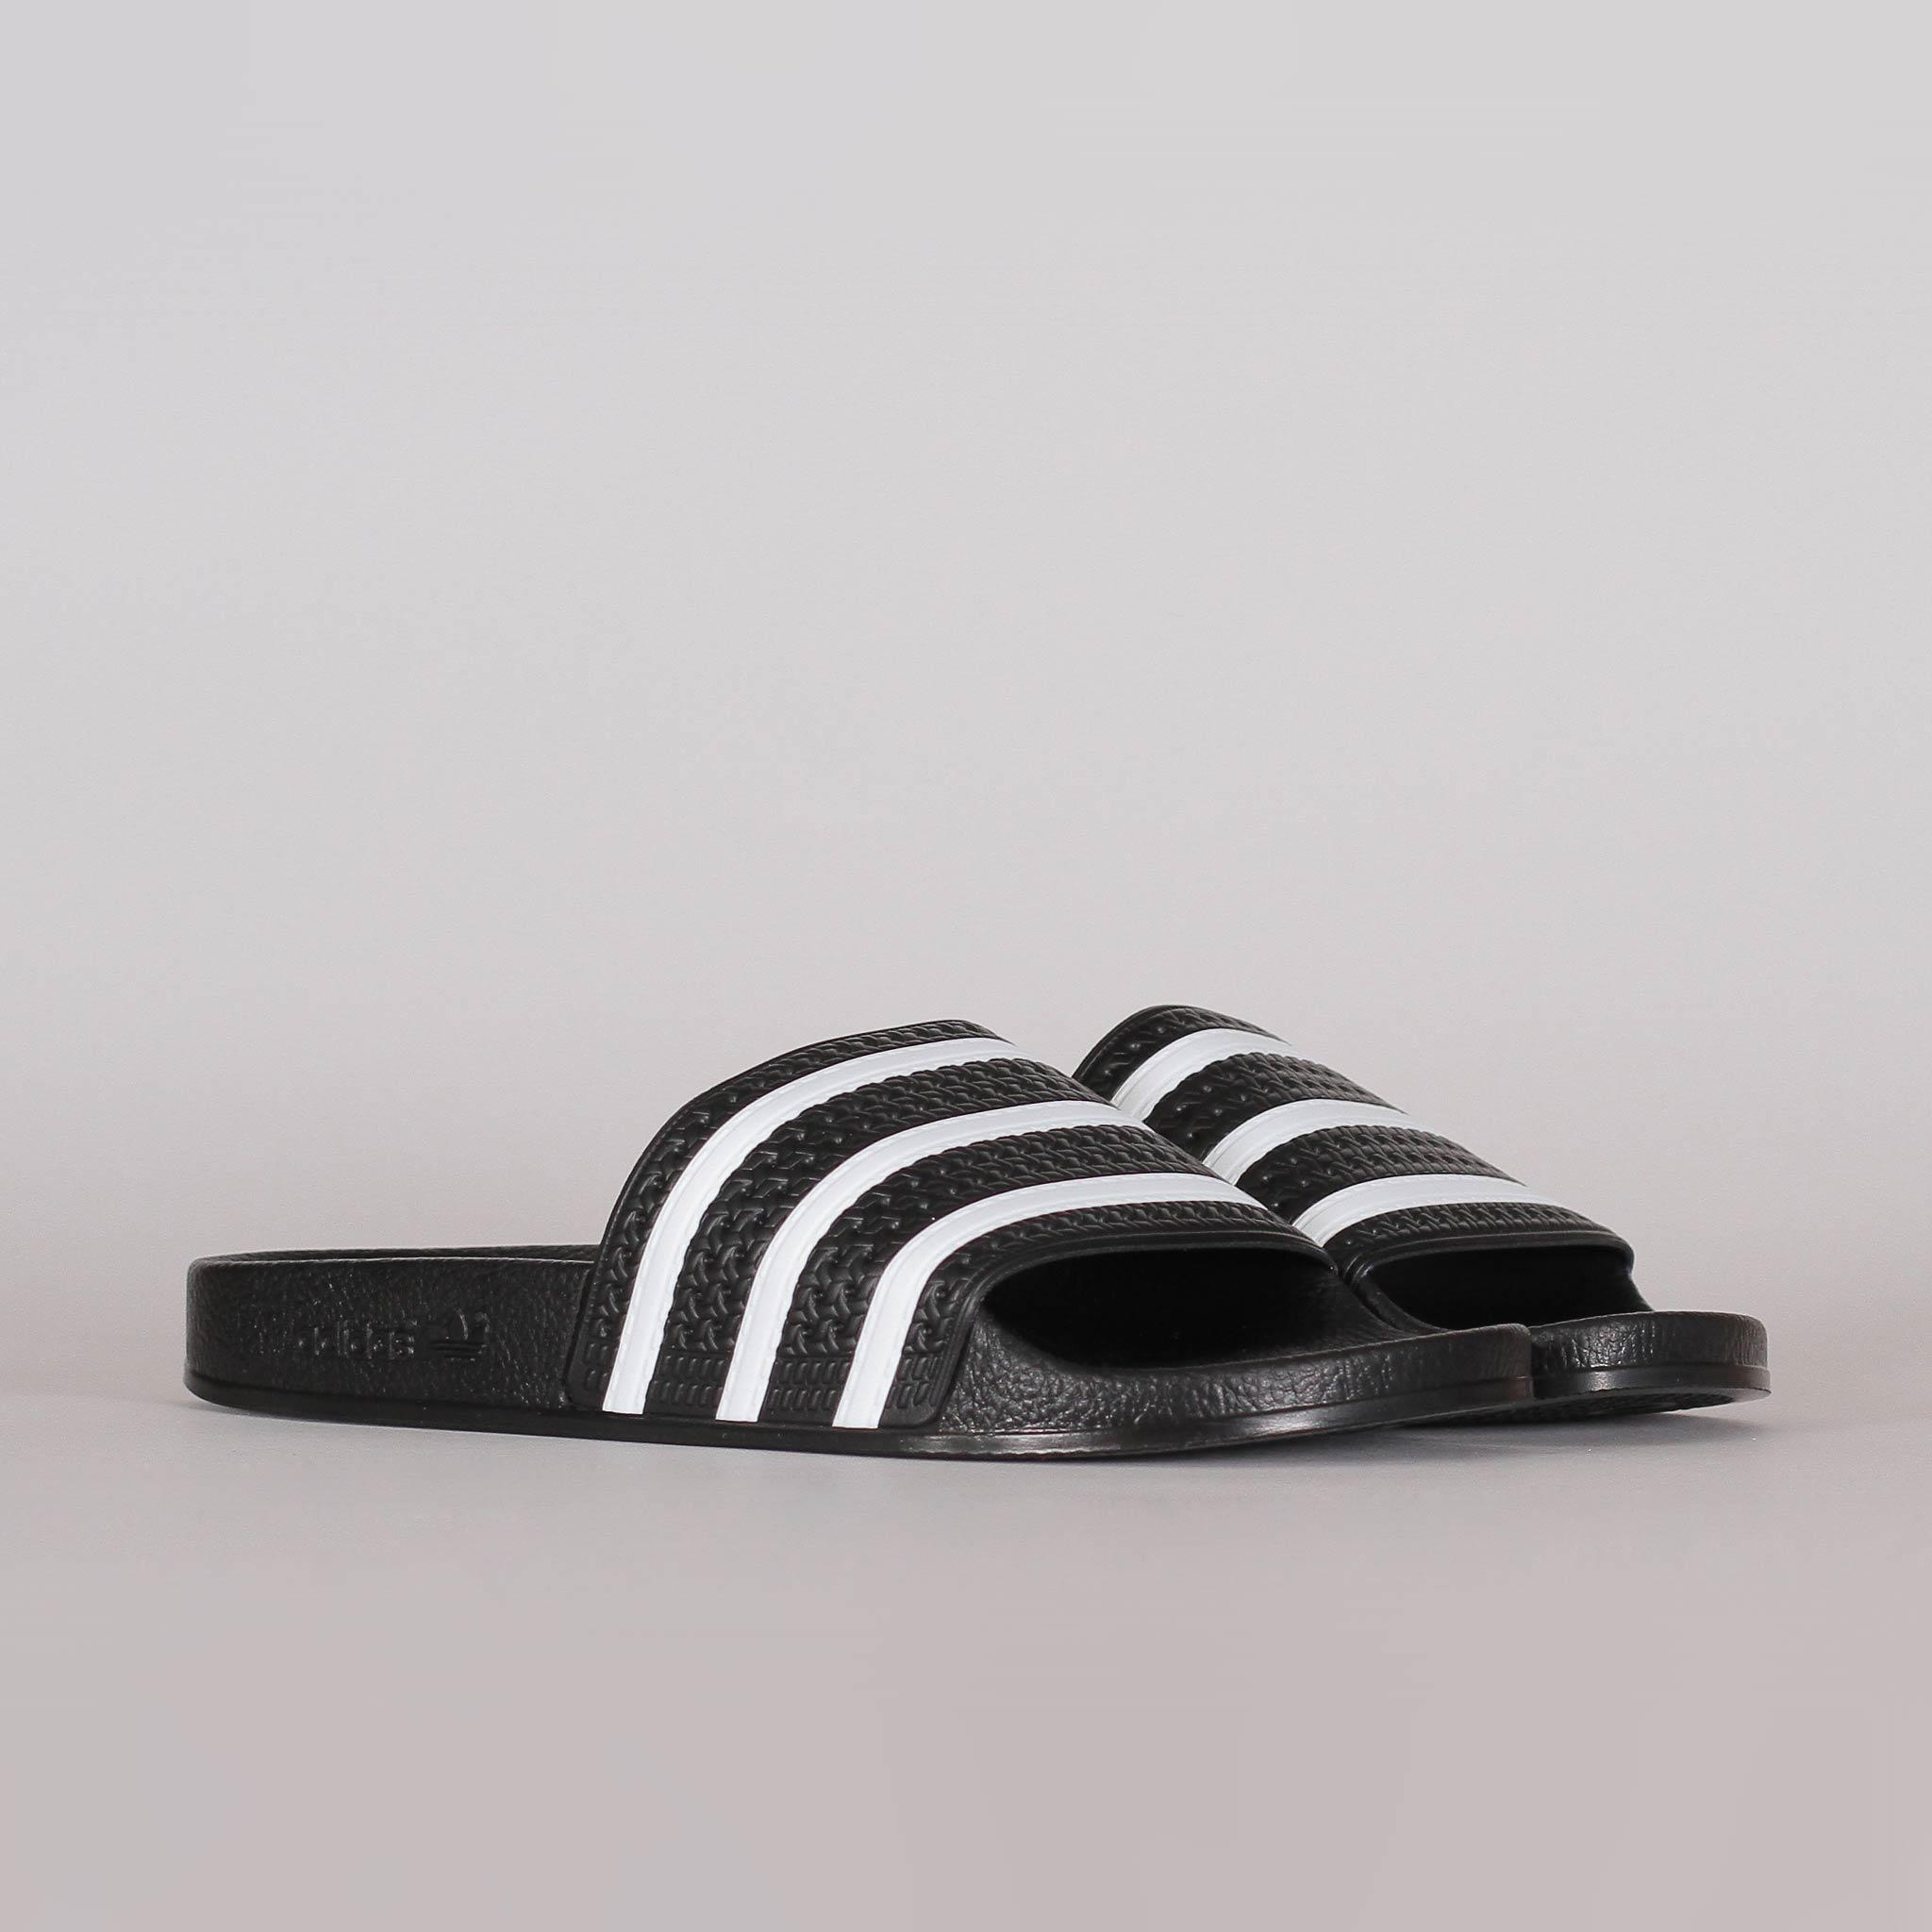 Adidas Originals Adilette Slides (280647)